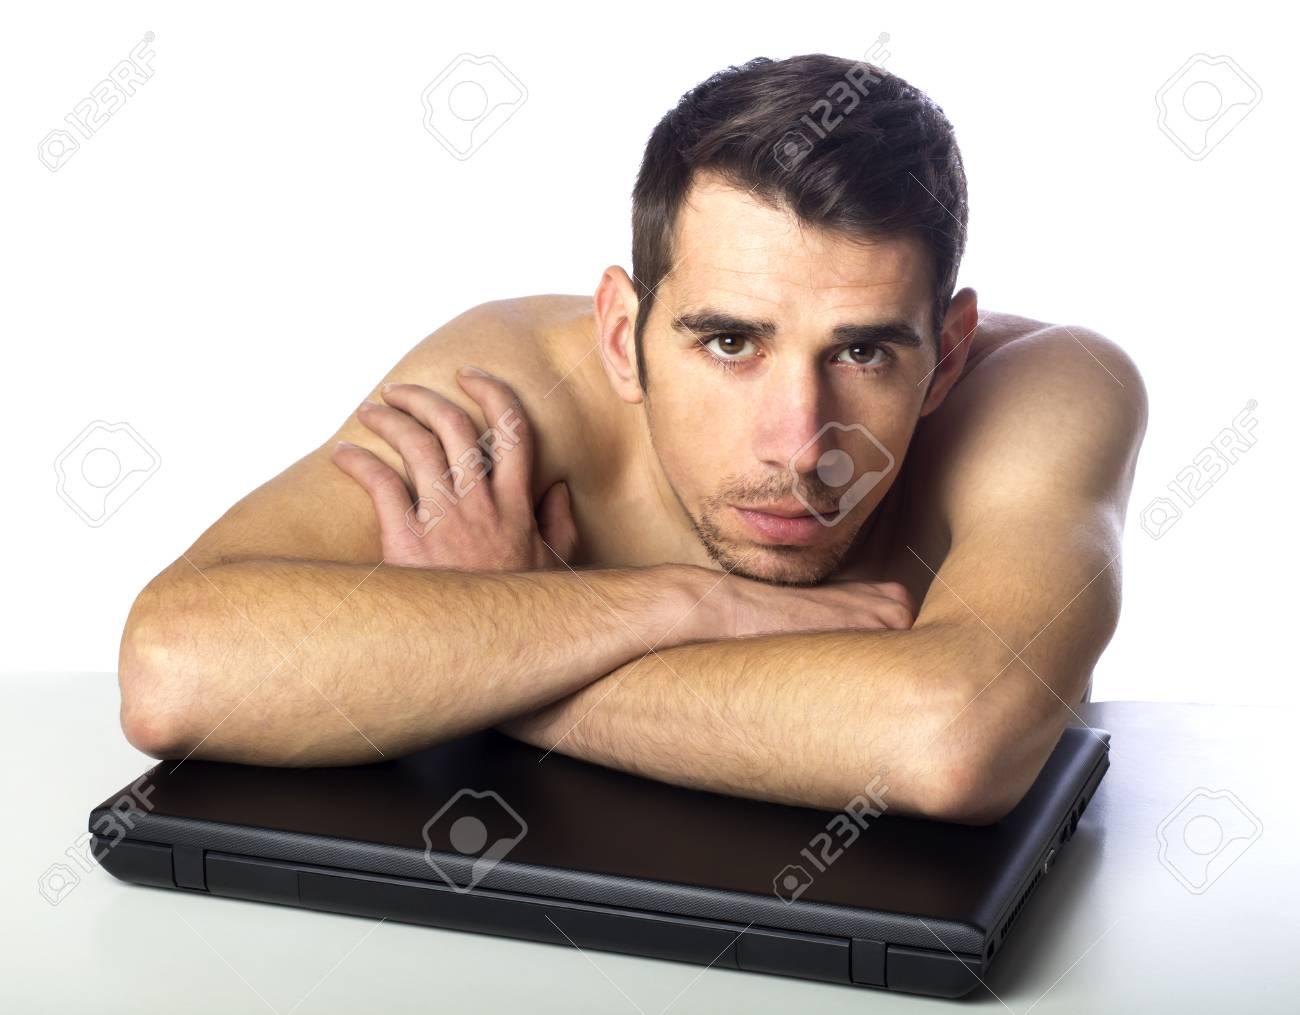 John corbett naked pictures